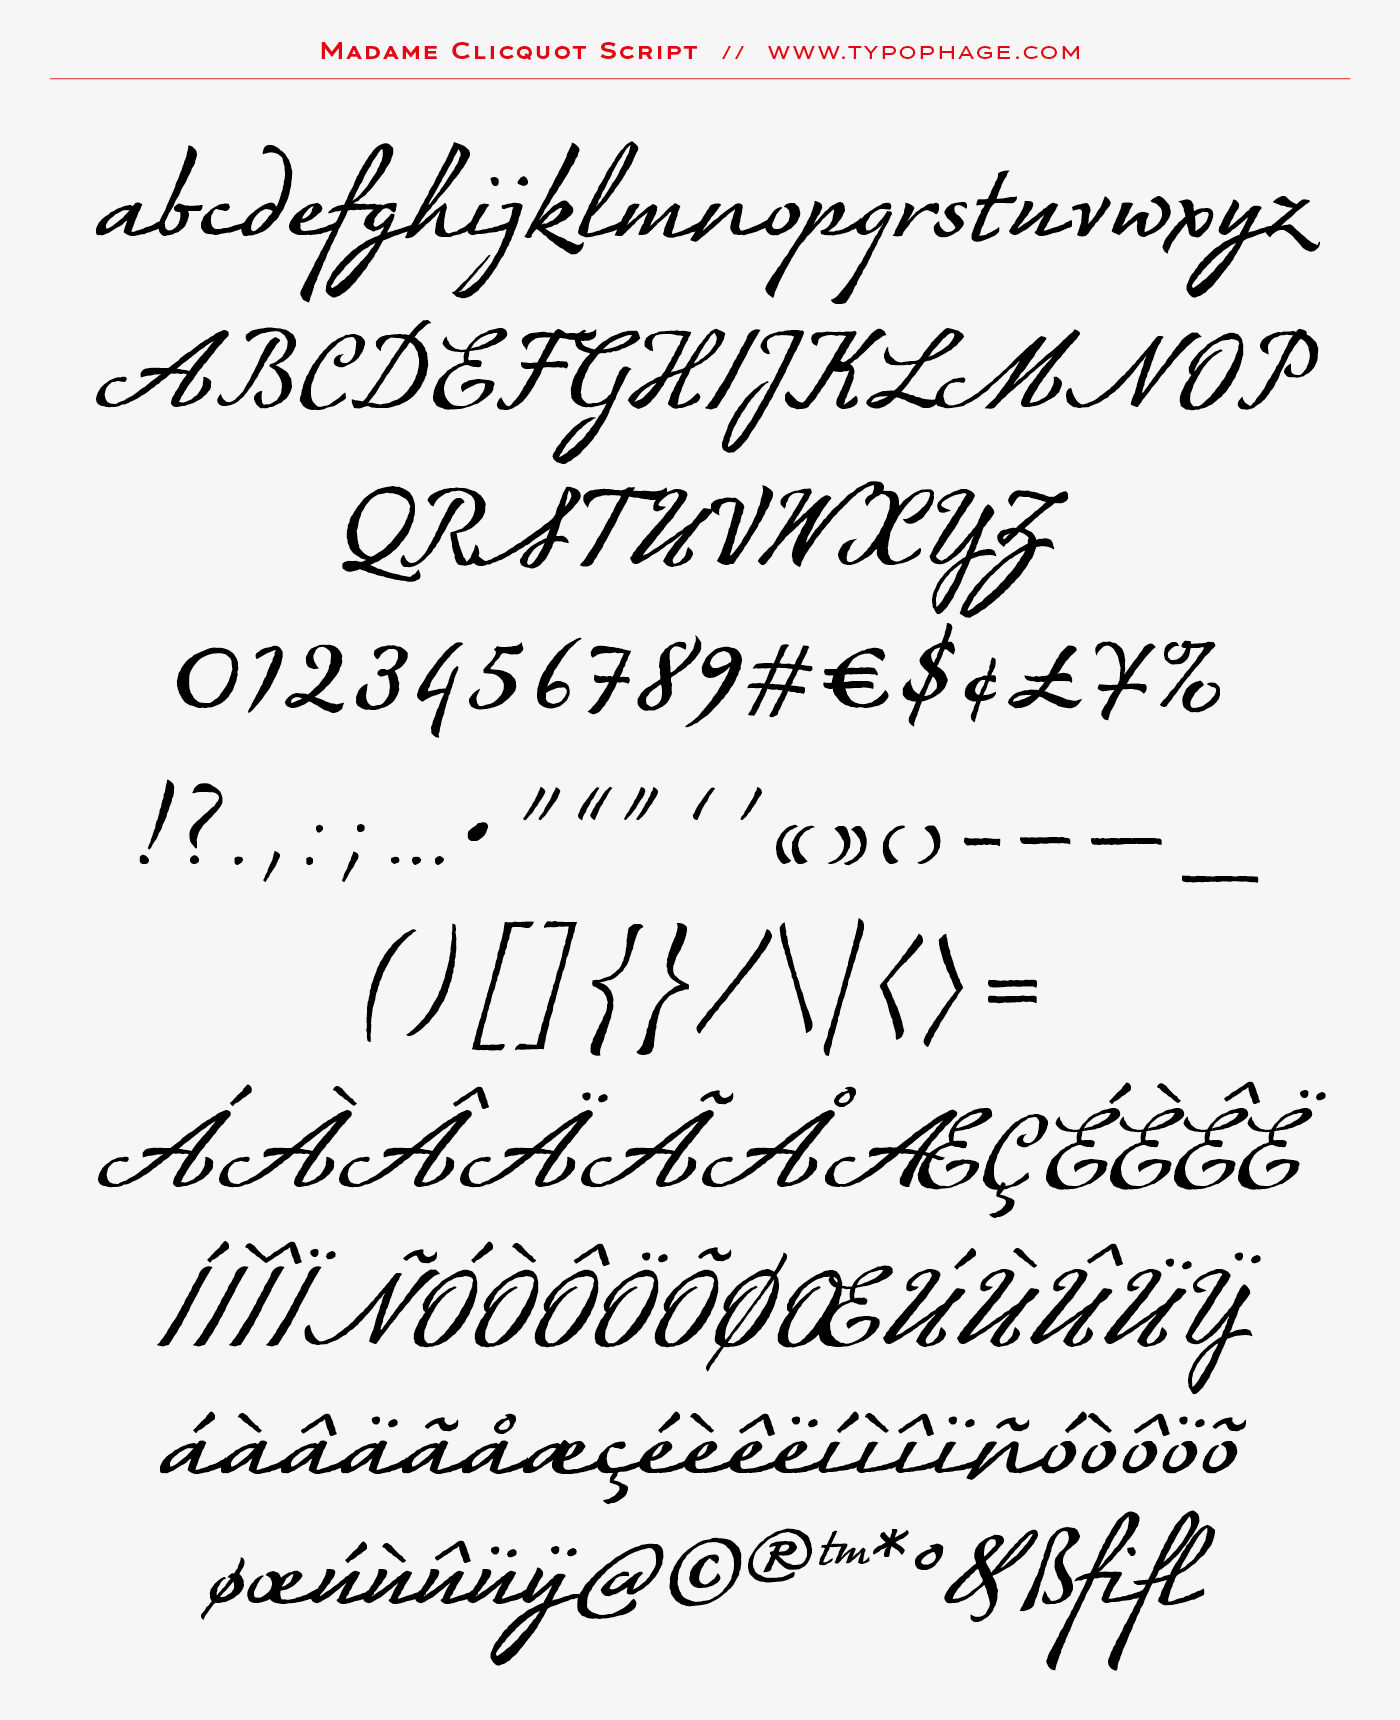 Typographie exclusive Veuve Clicquot Ponsardin. Alphabet sur mesure, typographie d'identité. Specimen de caractères typographiques.